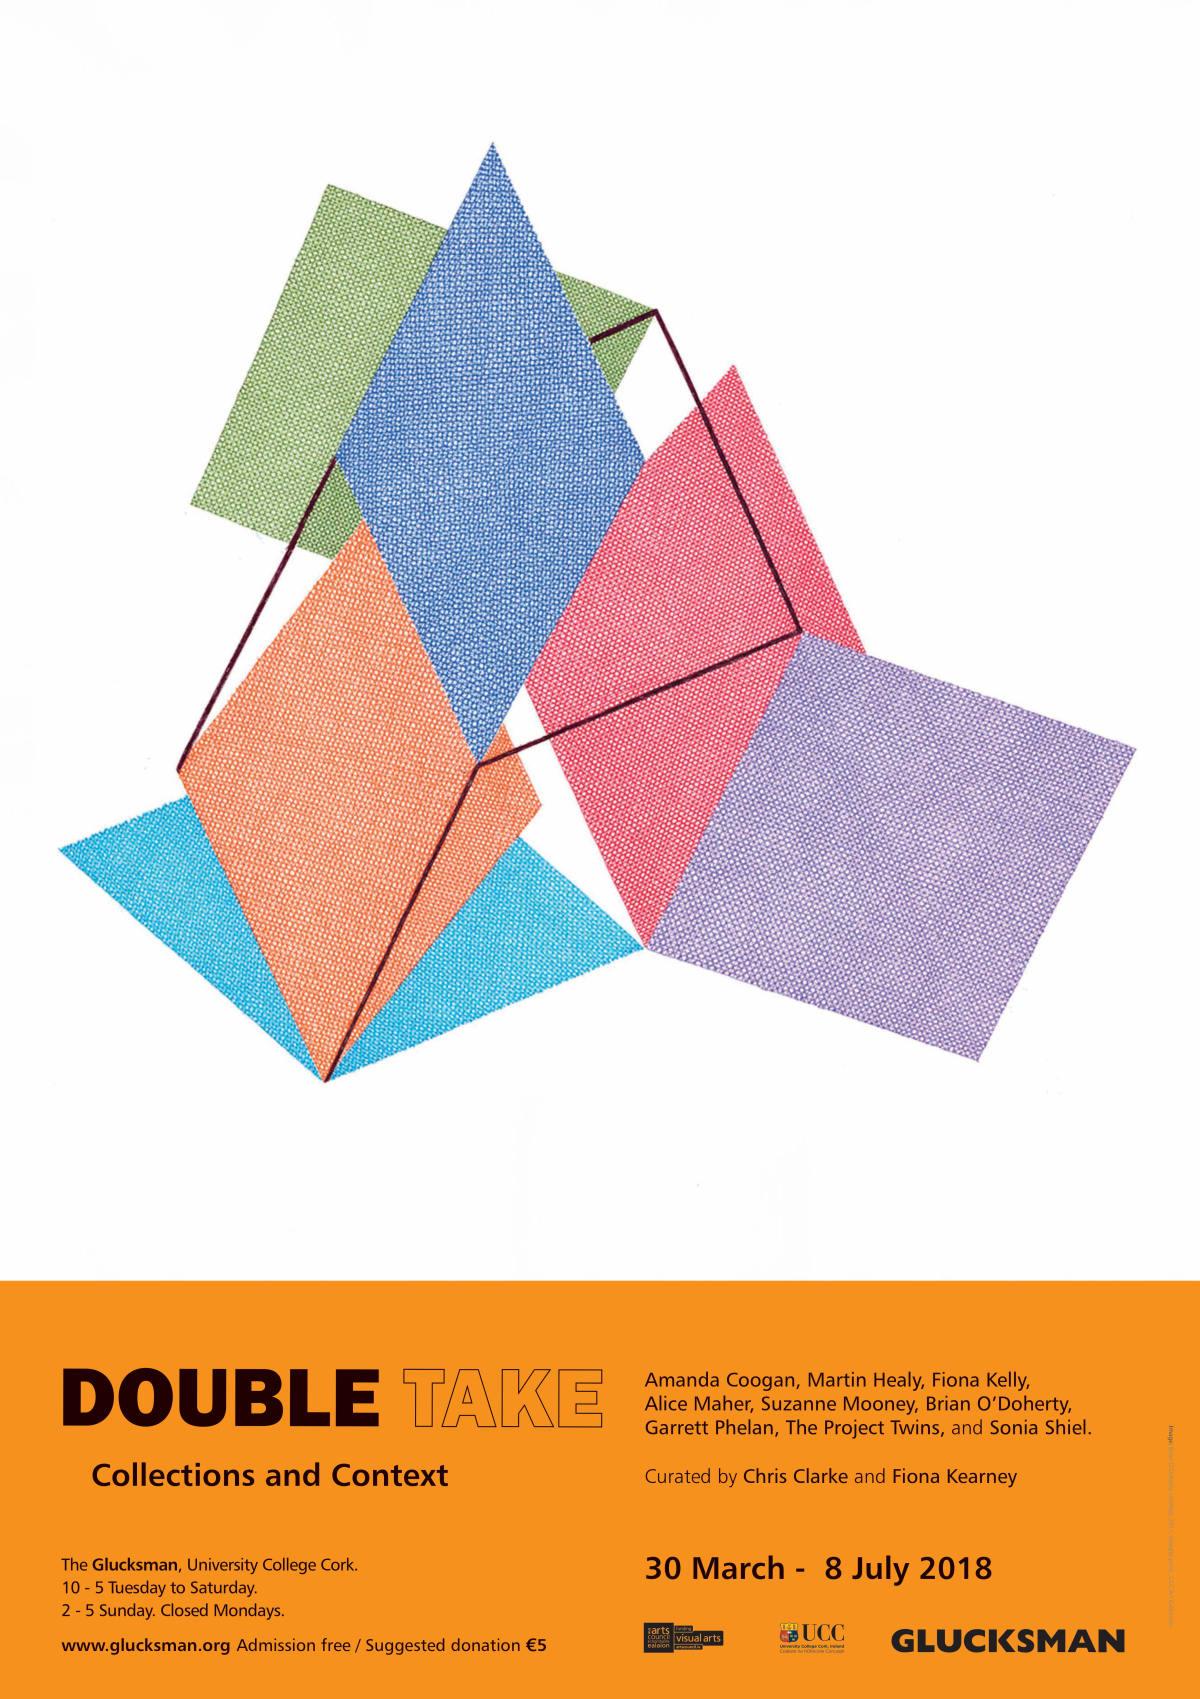 Sonia Shiel | Alice Maher | Double Take